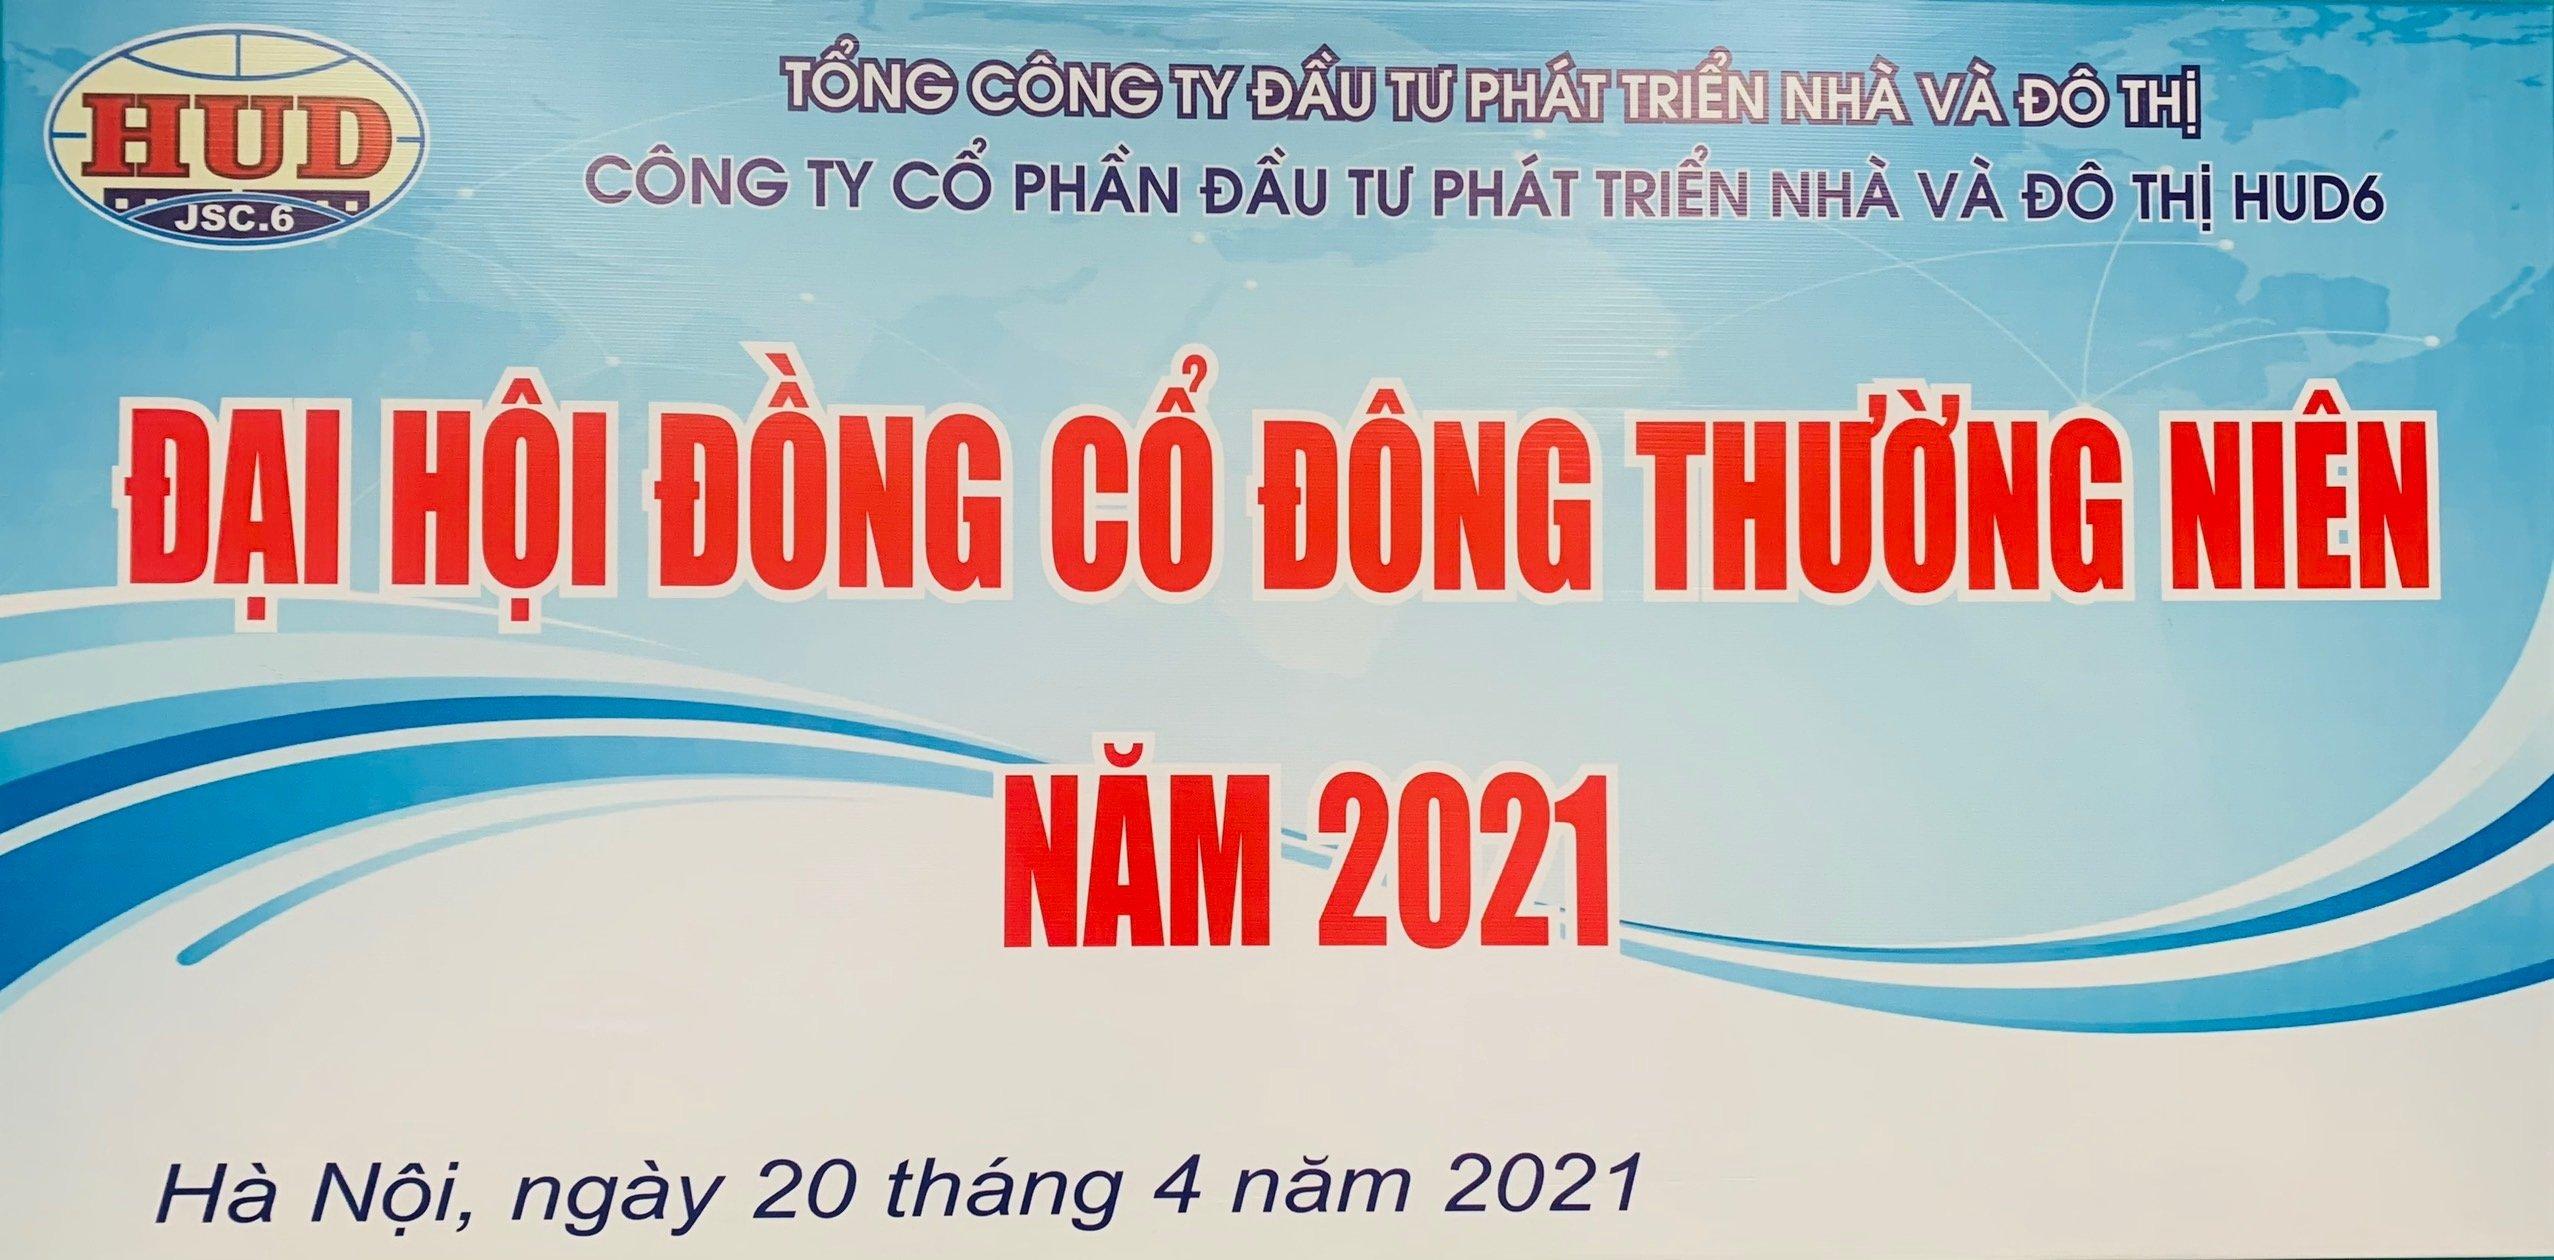 HUD6 tổ chức Đại hội đồng cổ đông thường niên năm 2021